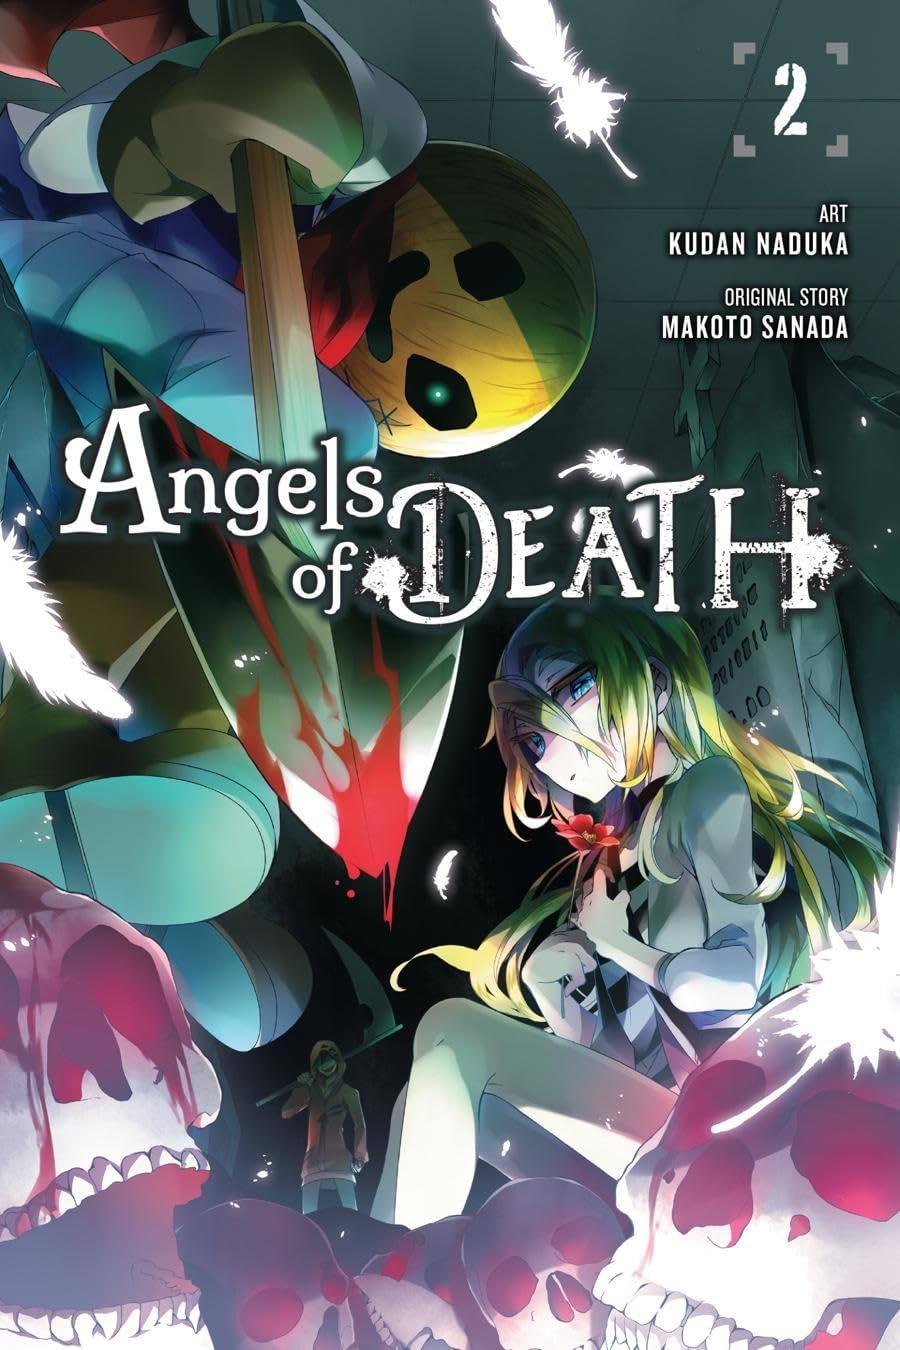 Angels of Death Vol. 2